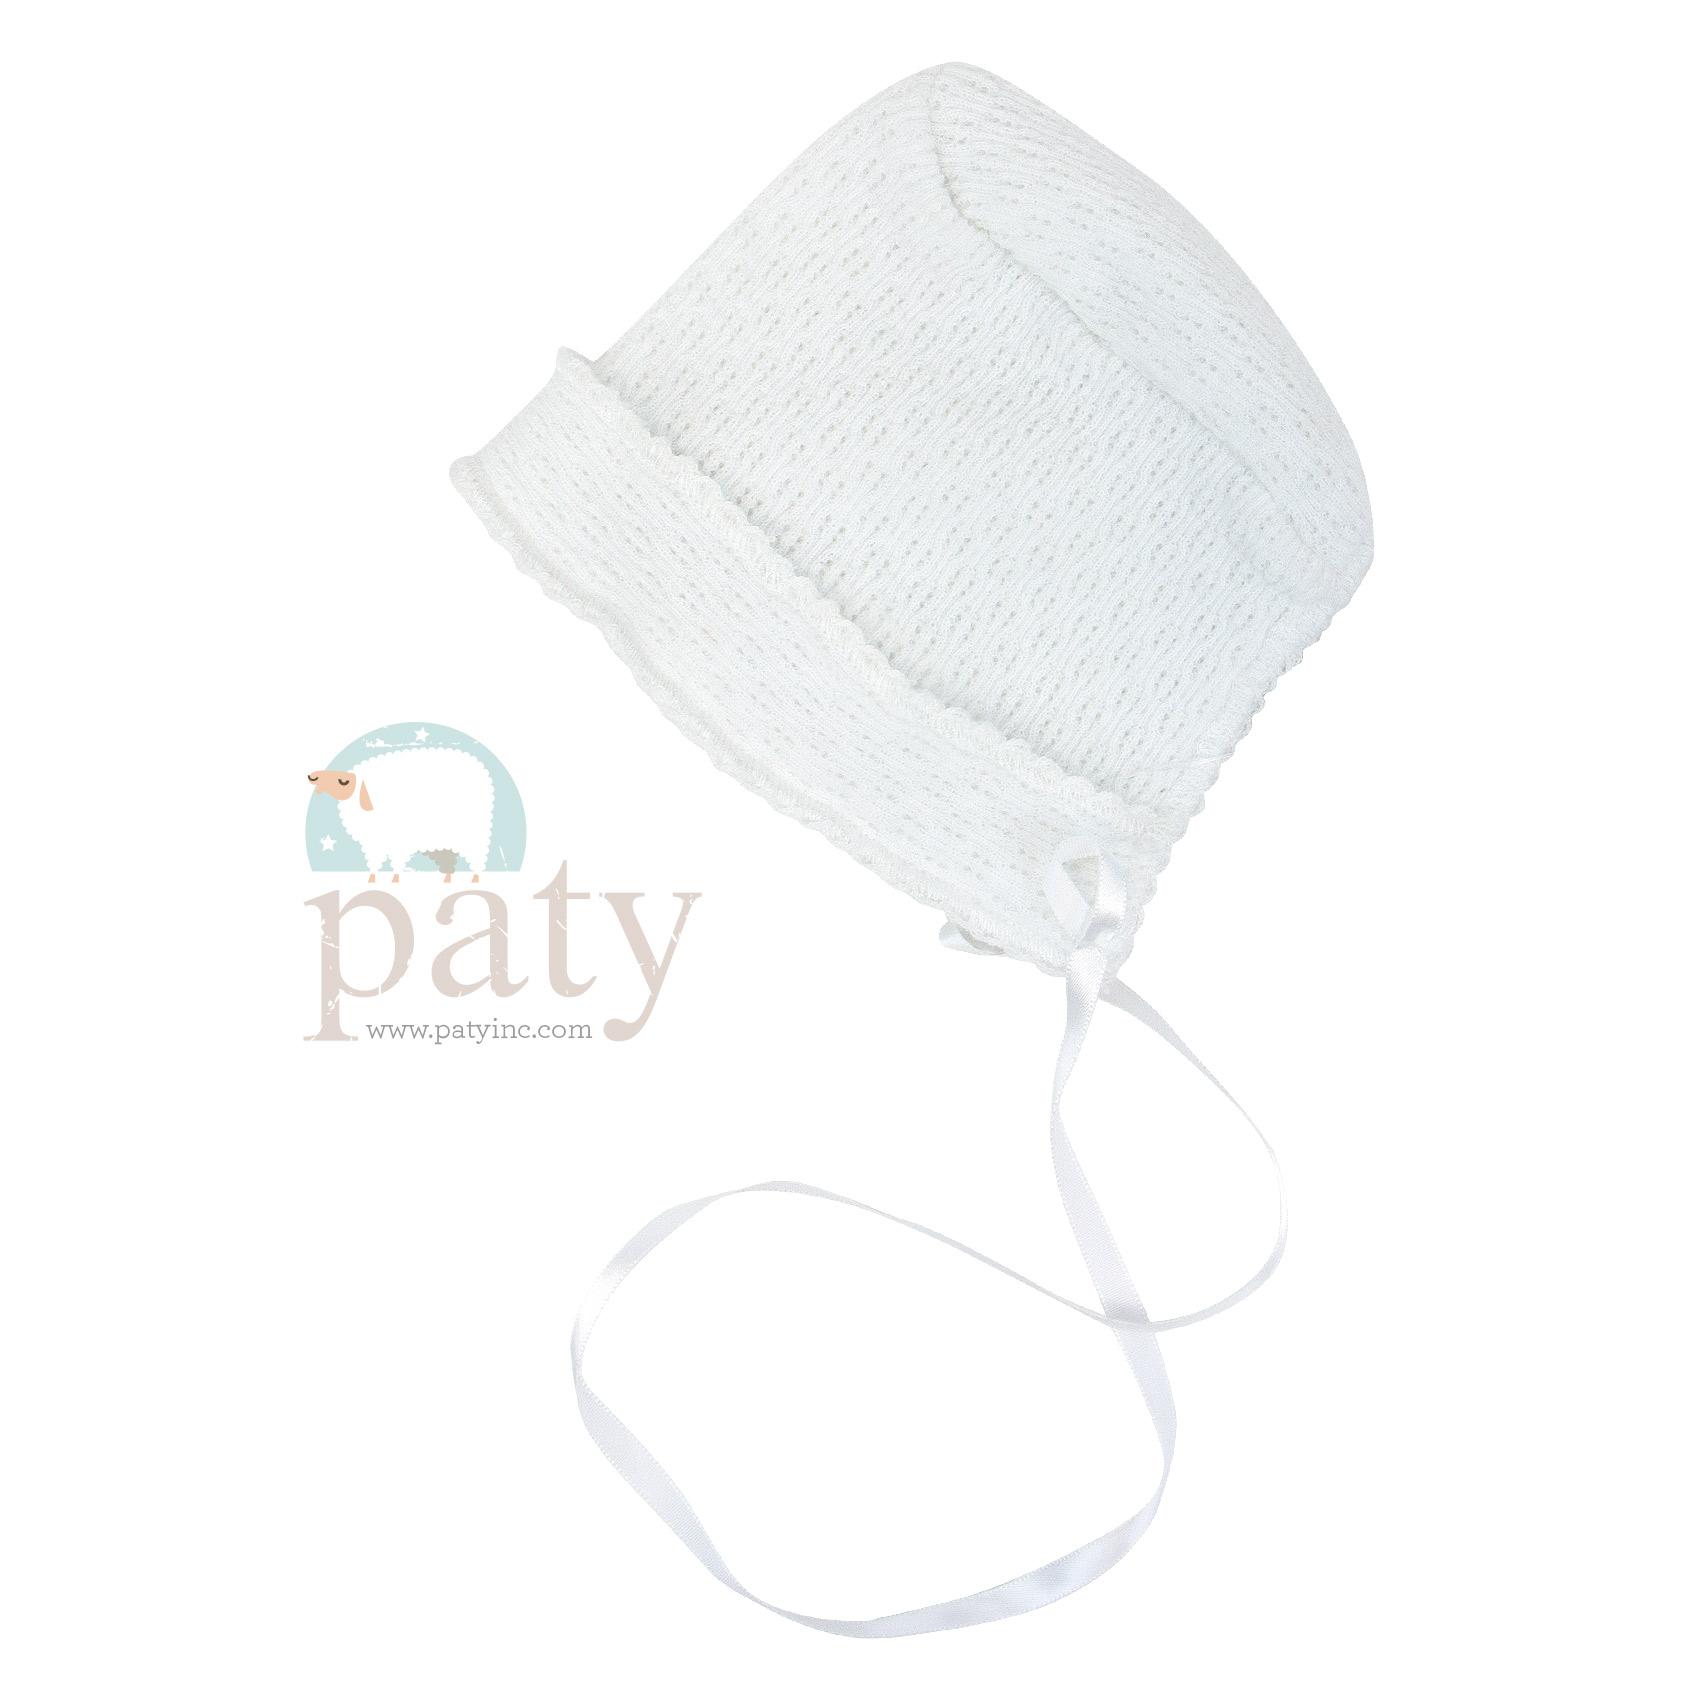 White Paty Bonnet with Ribbon Tie & White Trim